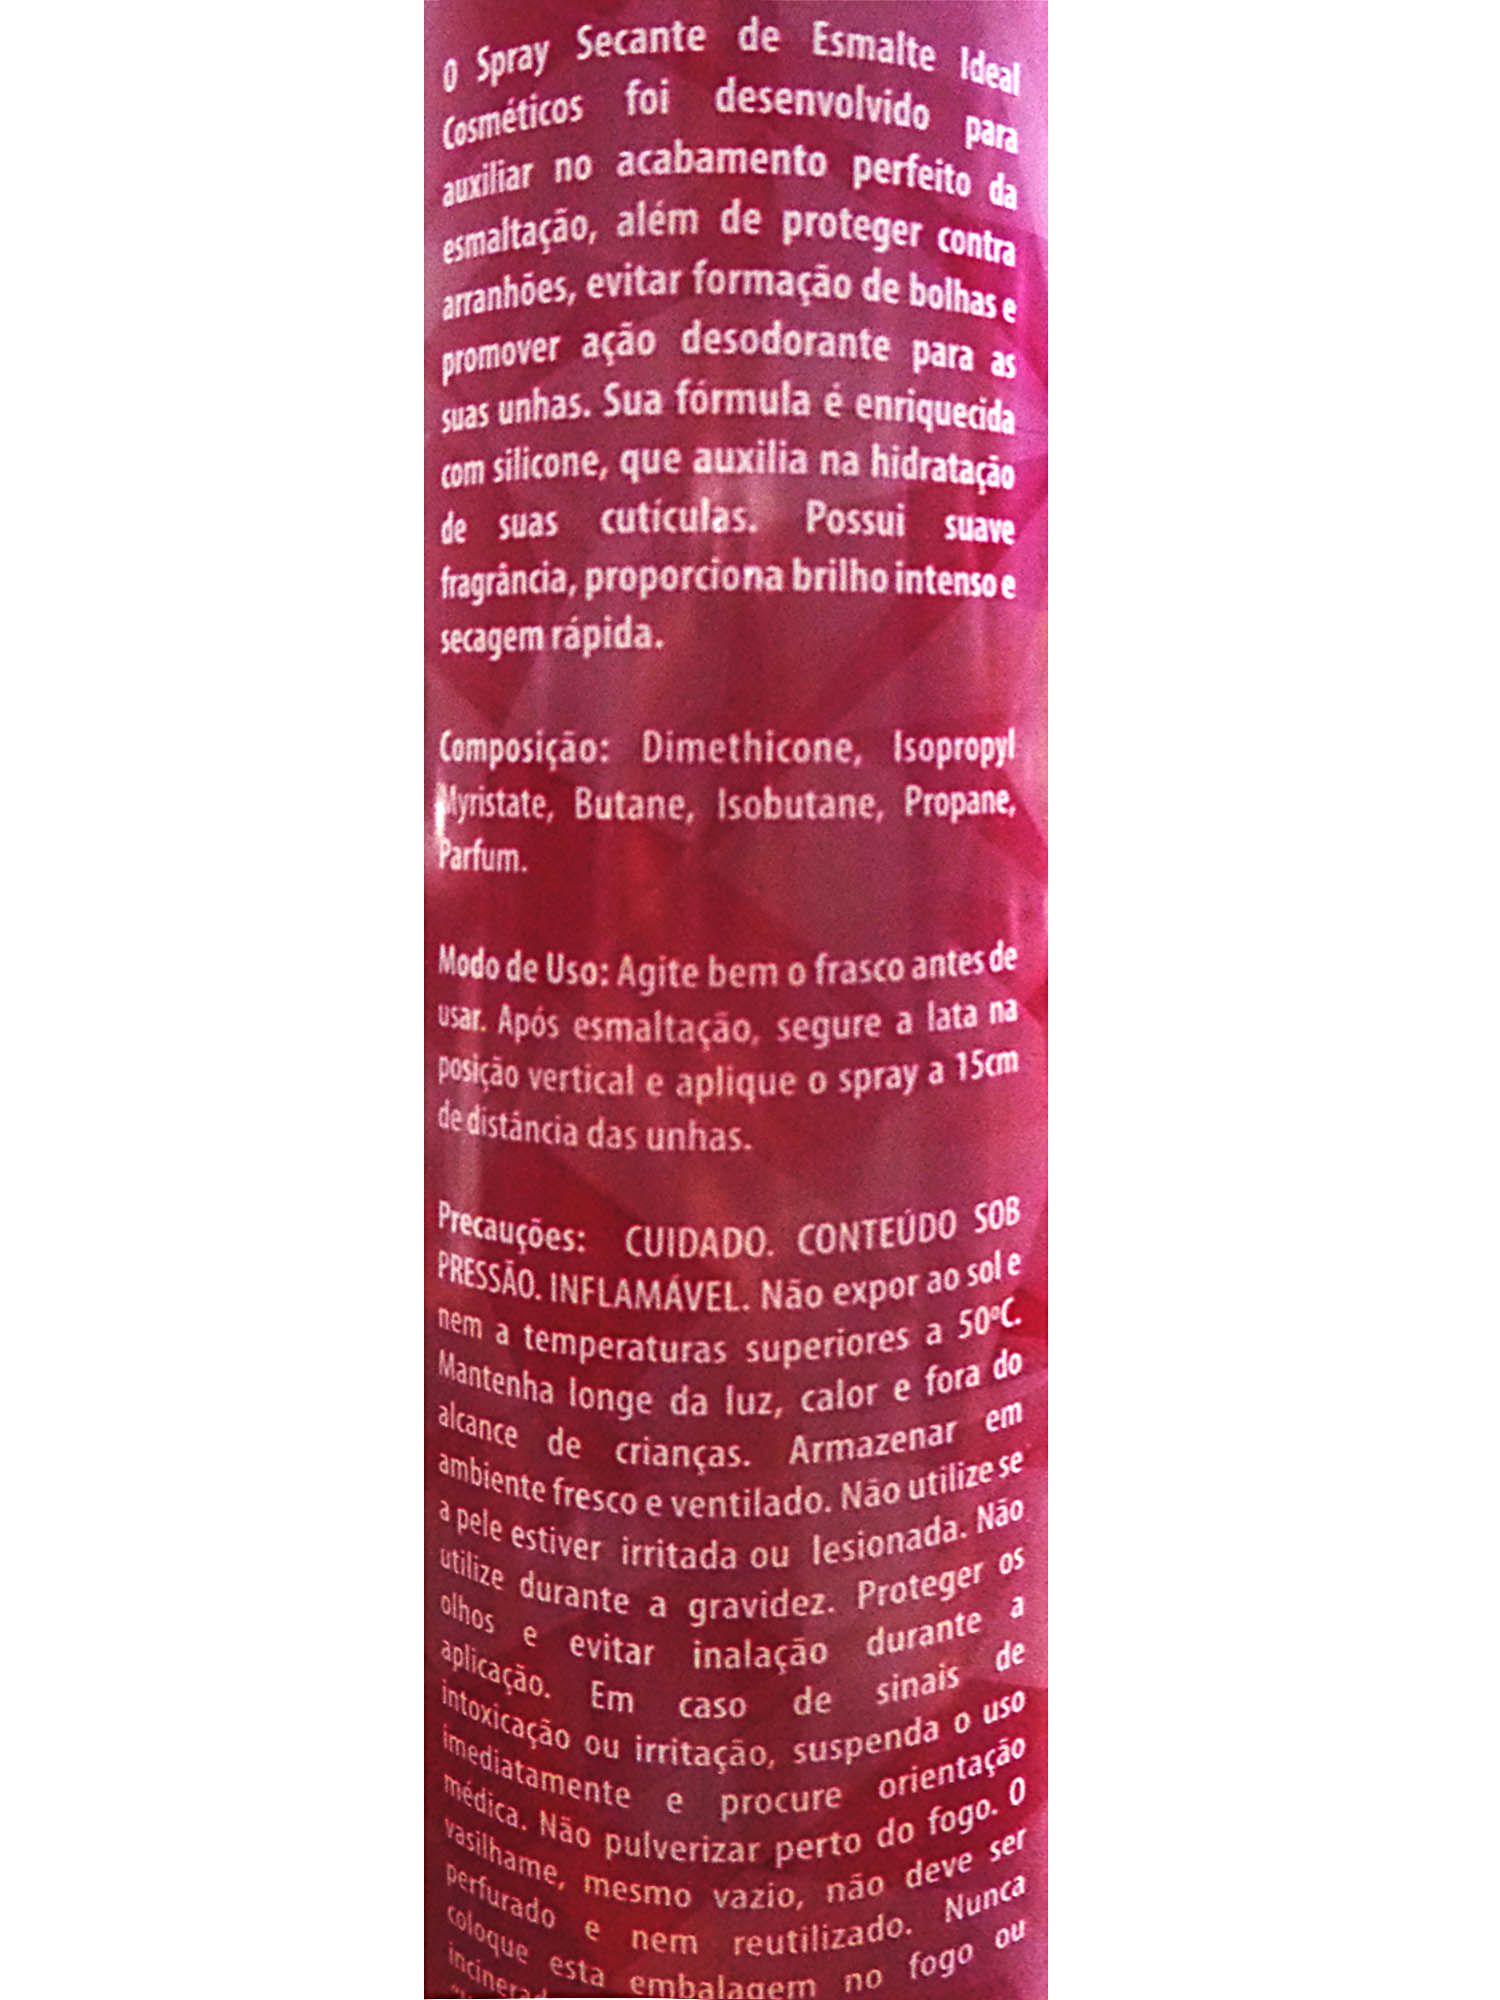 Spray Secante de Esmalte para Unhas 3 Unidades - Ideal